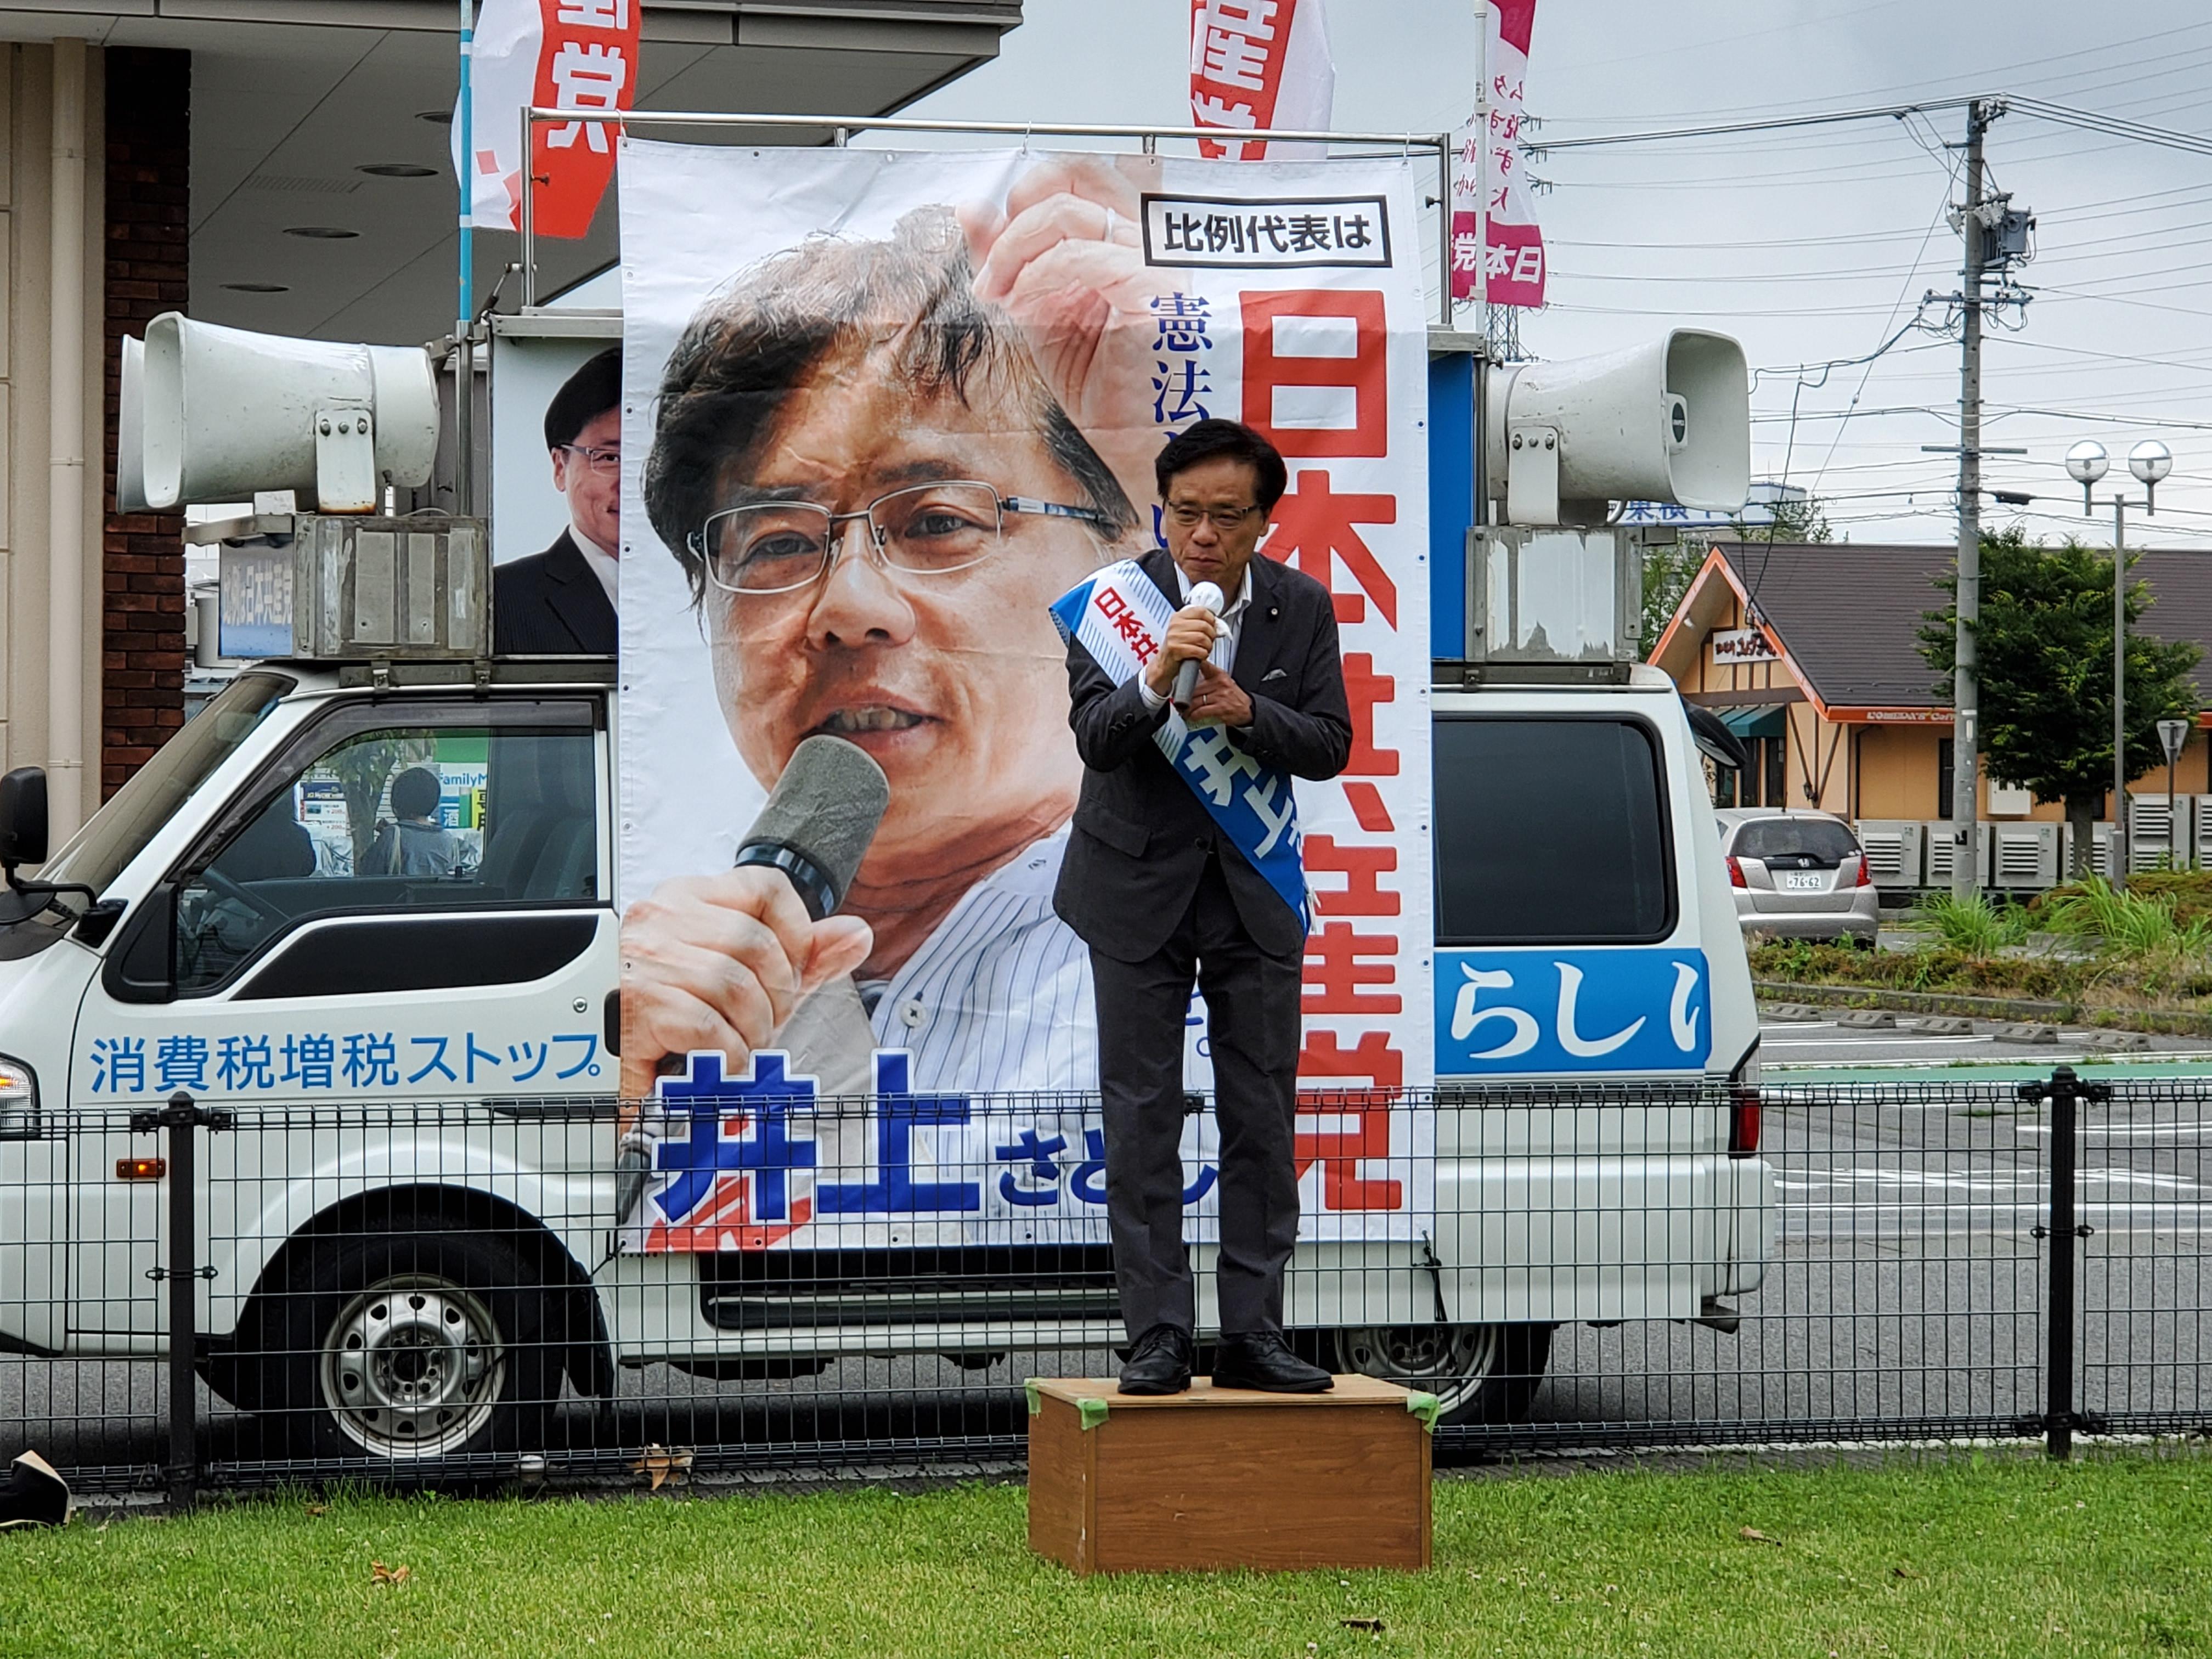 http://www.inoue-satoshi.com/diary/20190706_092251.jpg